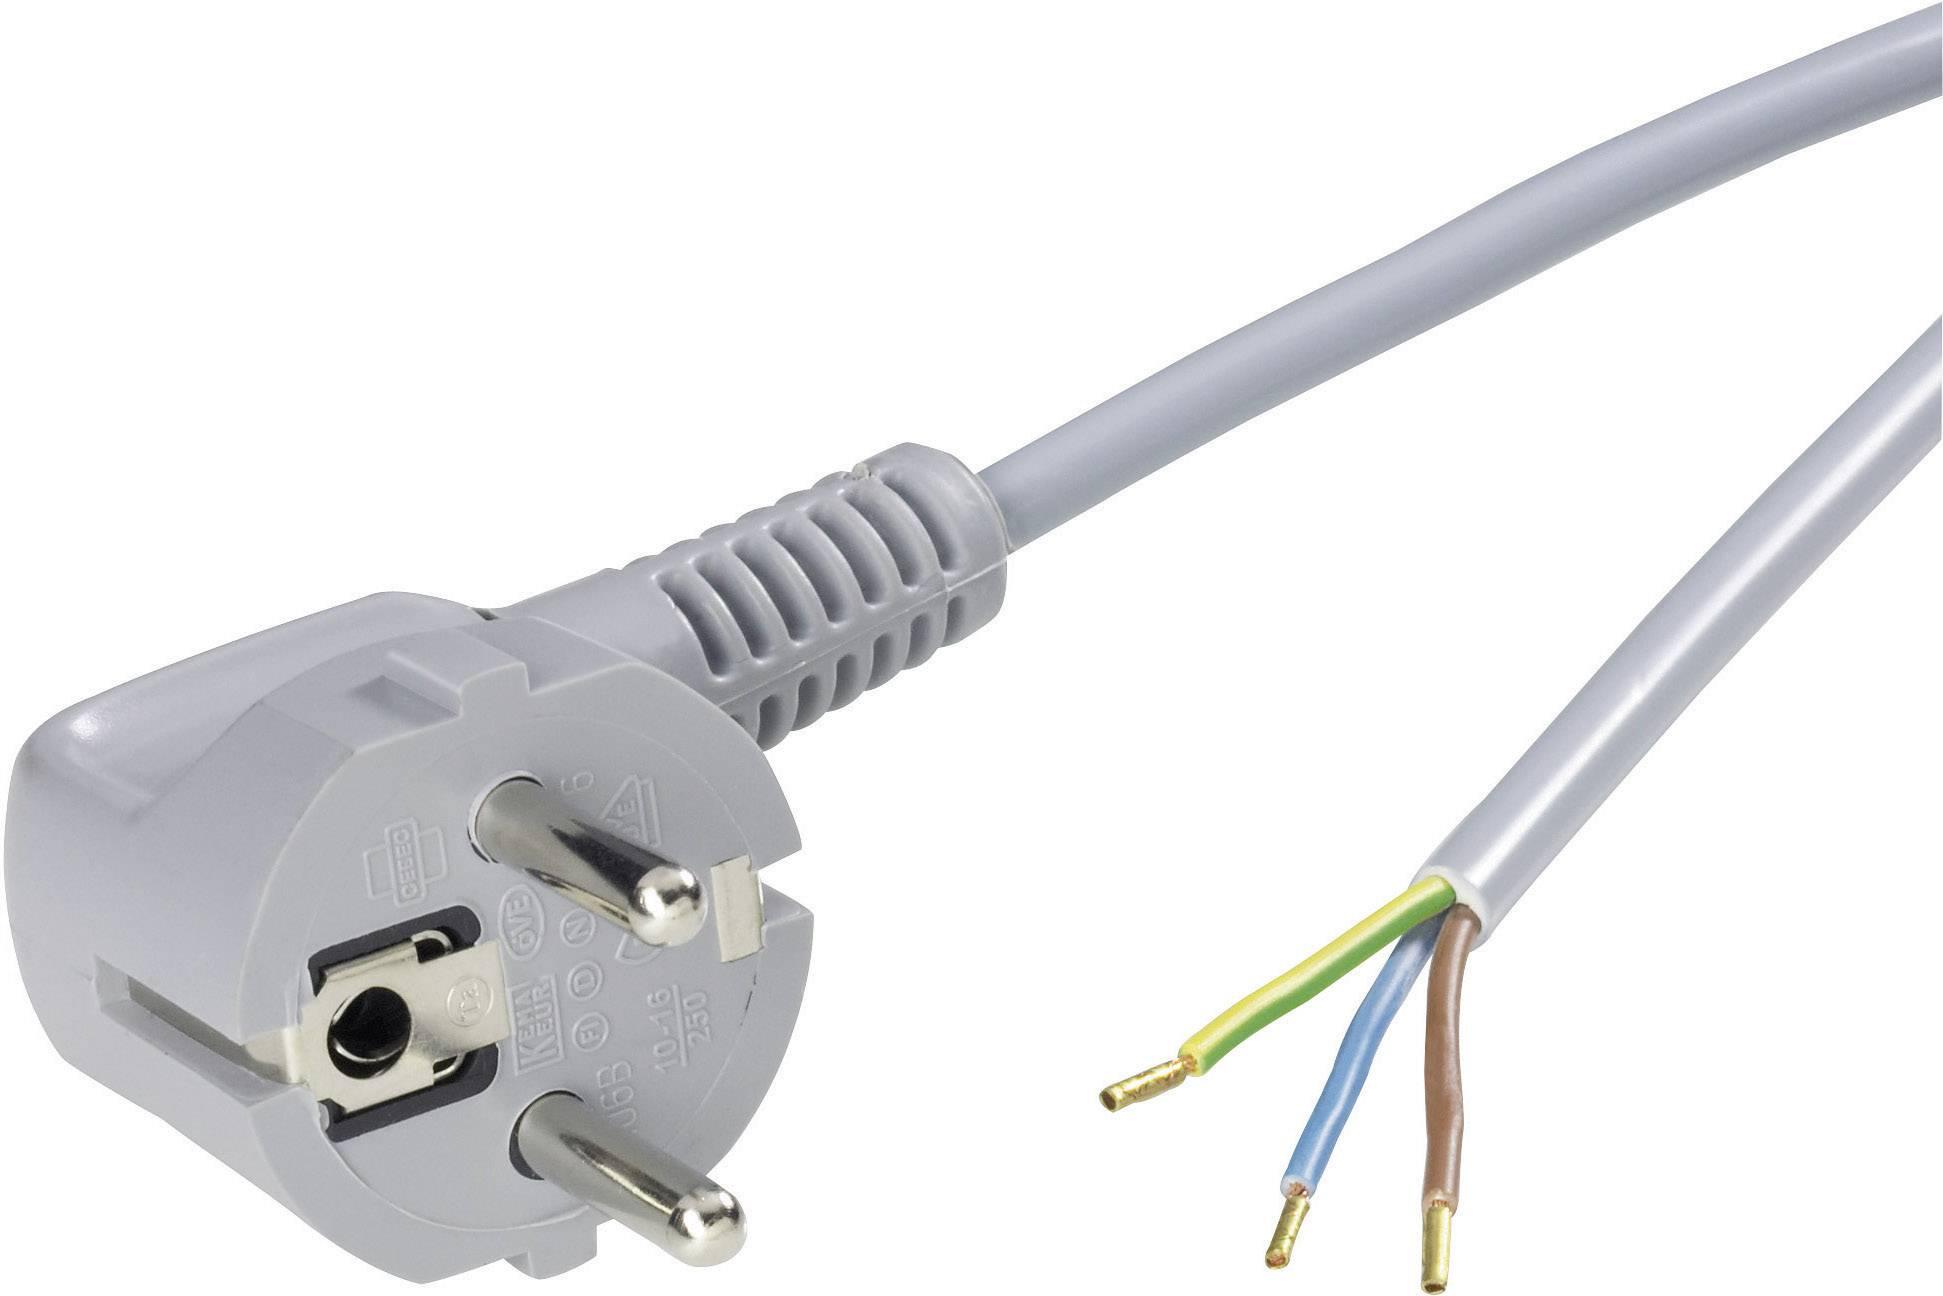 Připojovací kabel NETZFLEXR H03VV-F 3G0,75 zelený